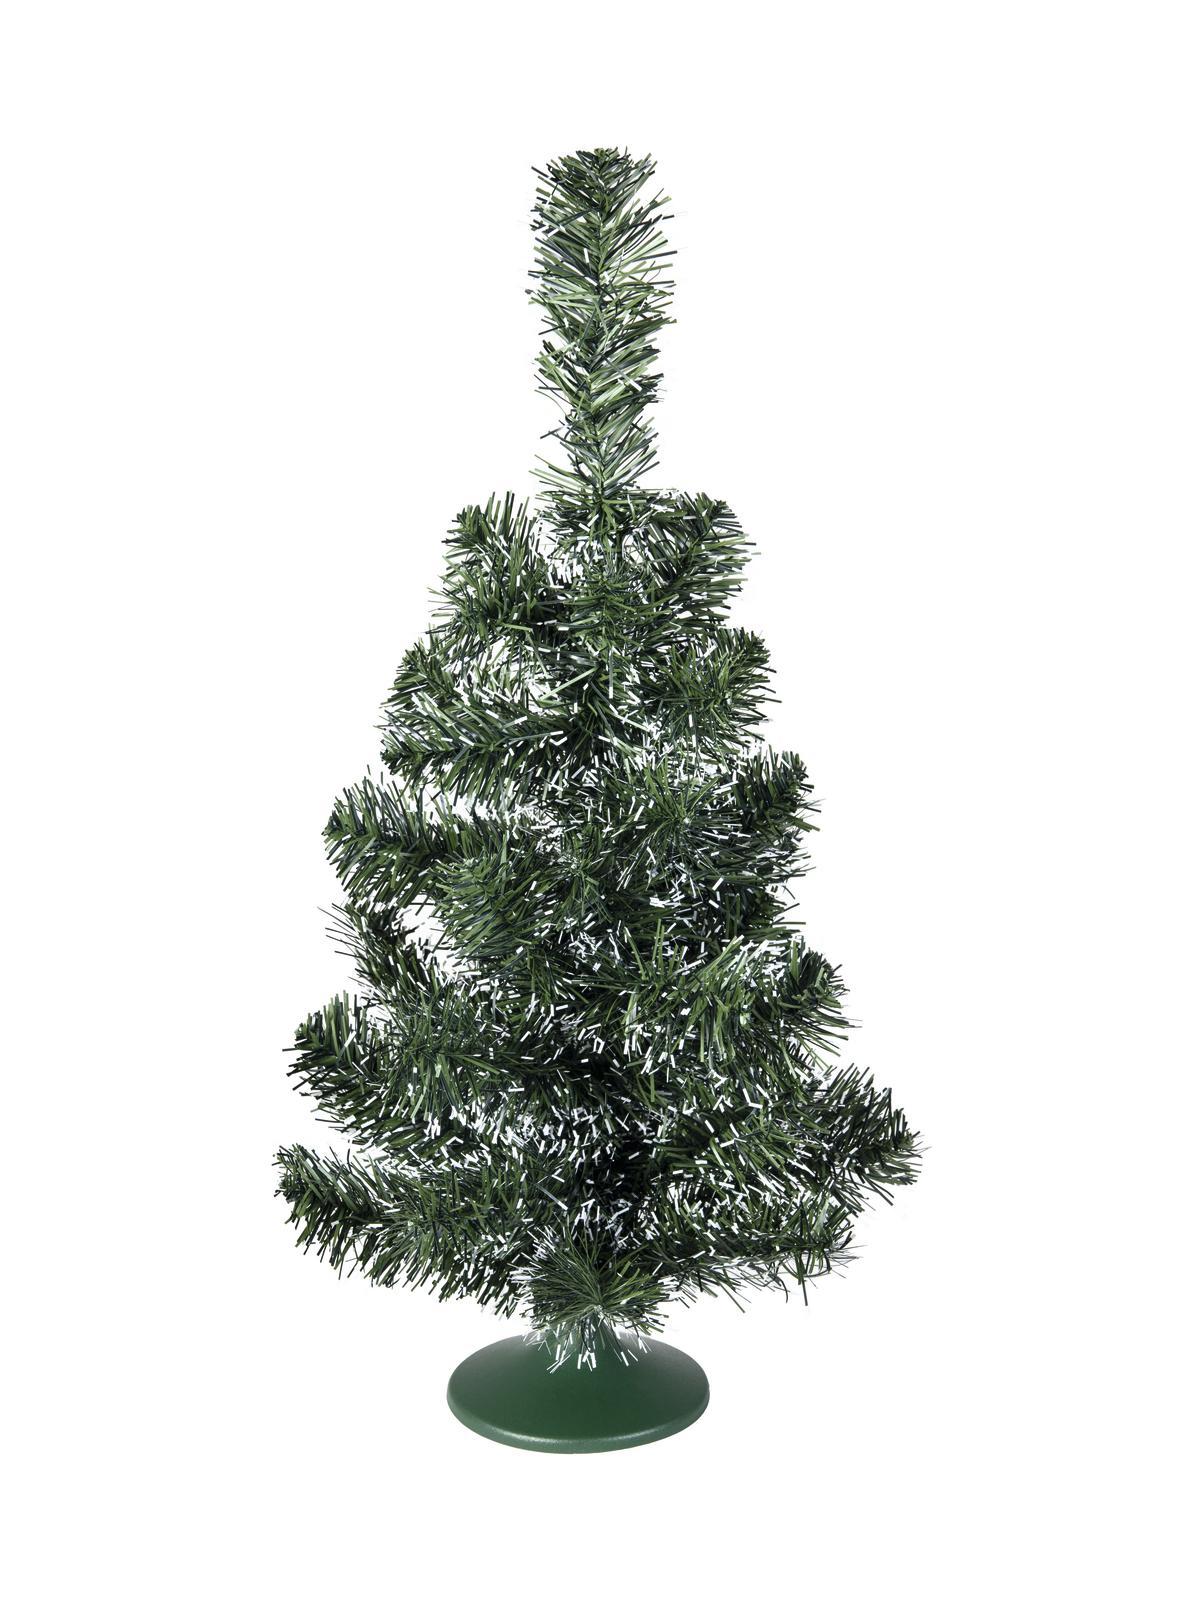 Umělý vánoční stromek stolní jedlička zelená, 45 cm